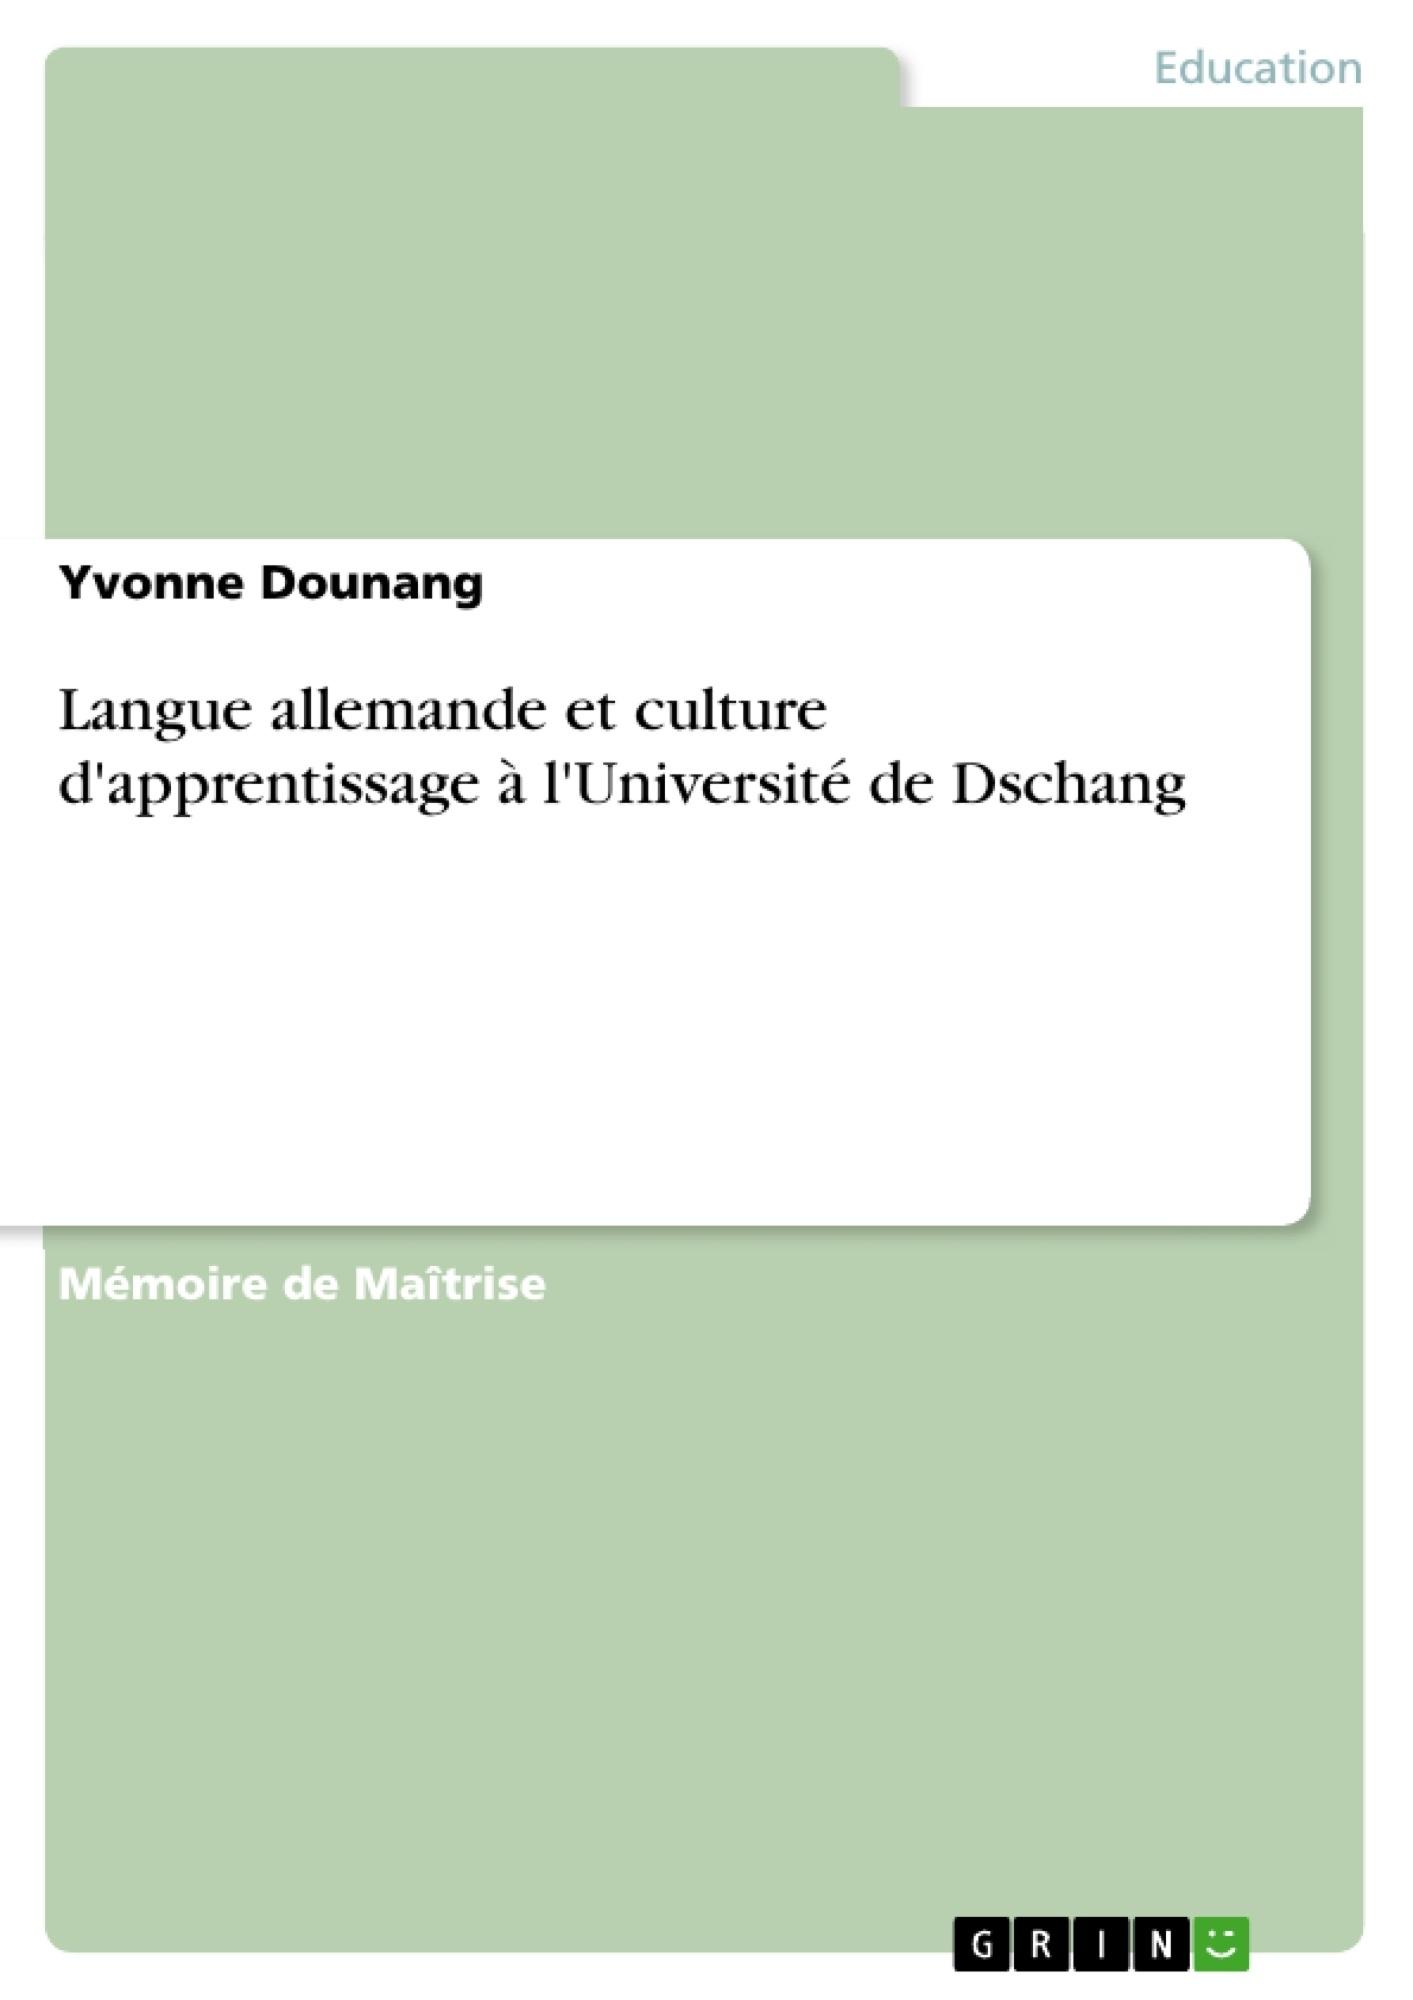 Titre: Langue allemande et culture d'apprentissage à l'Université de Dschang